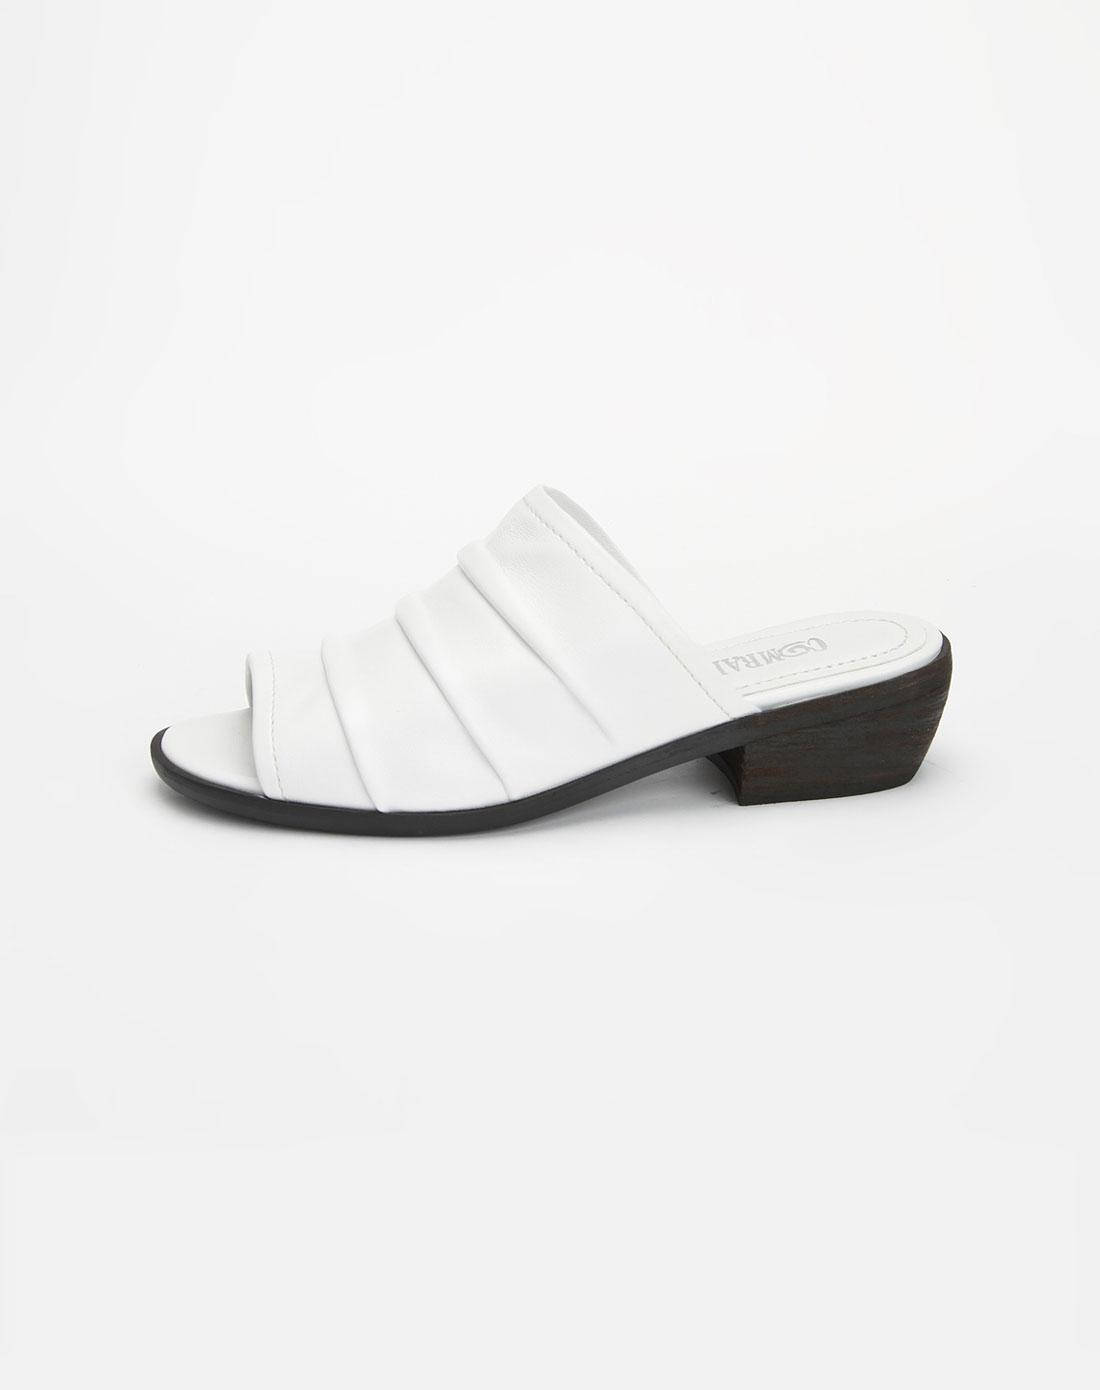 康莉comely头层白色绵羊皮圆头休闲拖鞋110420002wtl